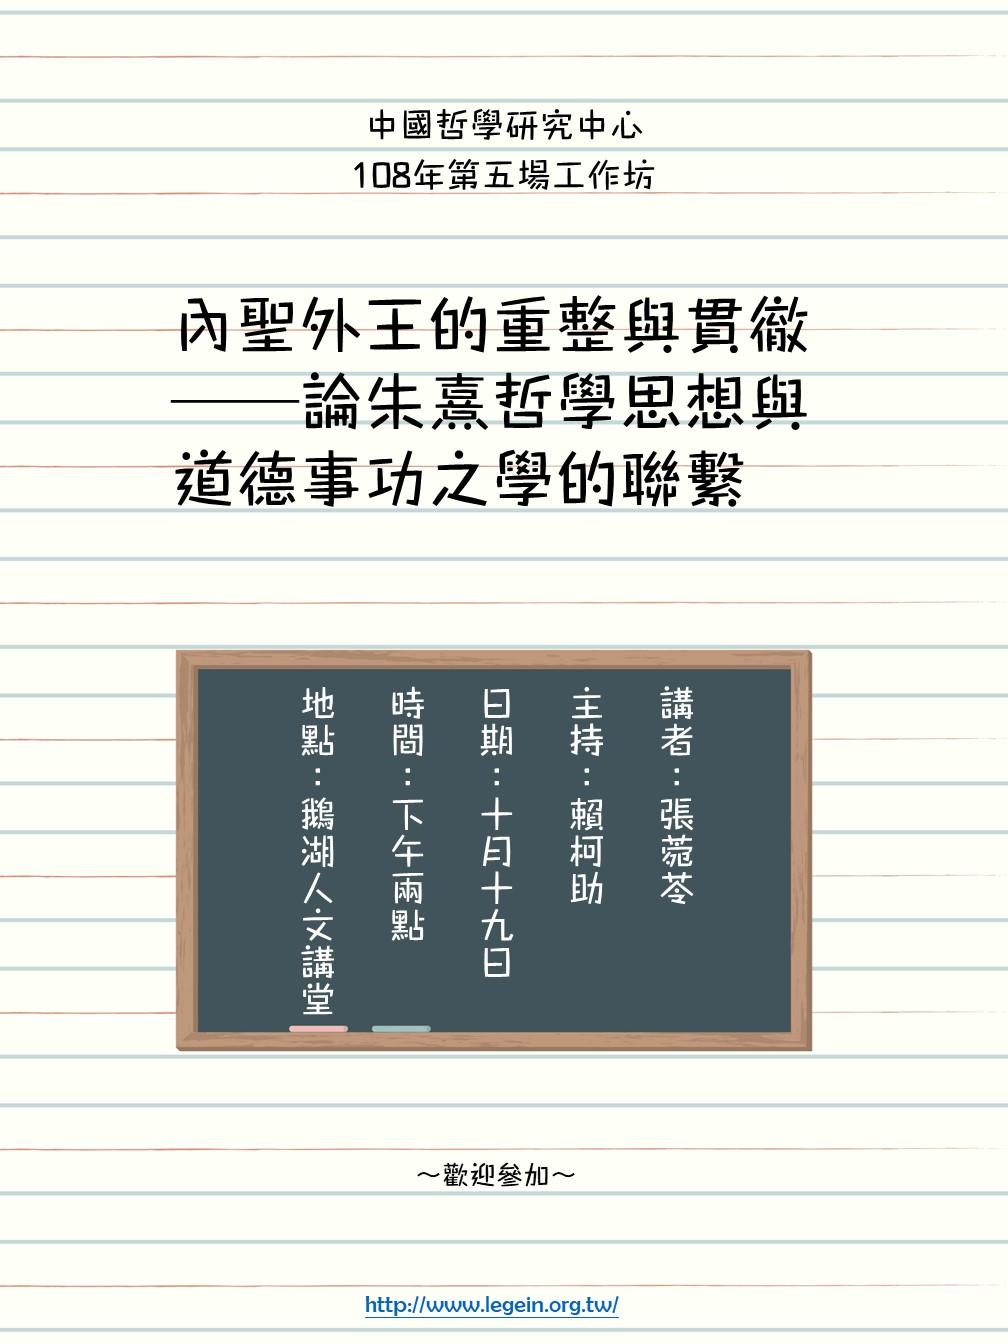 108年度第五次工作坊:內聖外王的重整與貫徹──論朱熹哲學思想與道德事功之學的聯繫